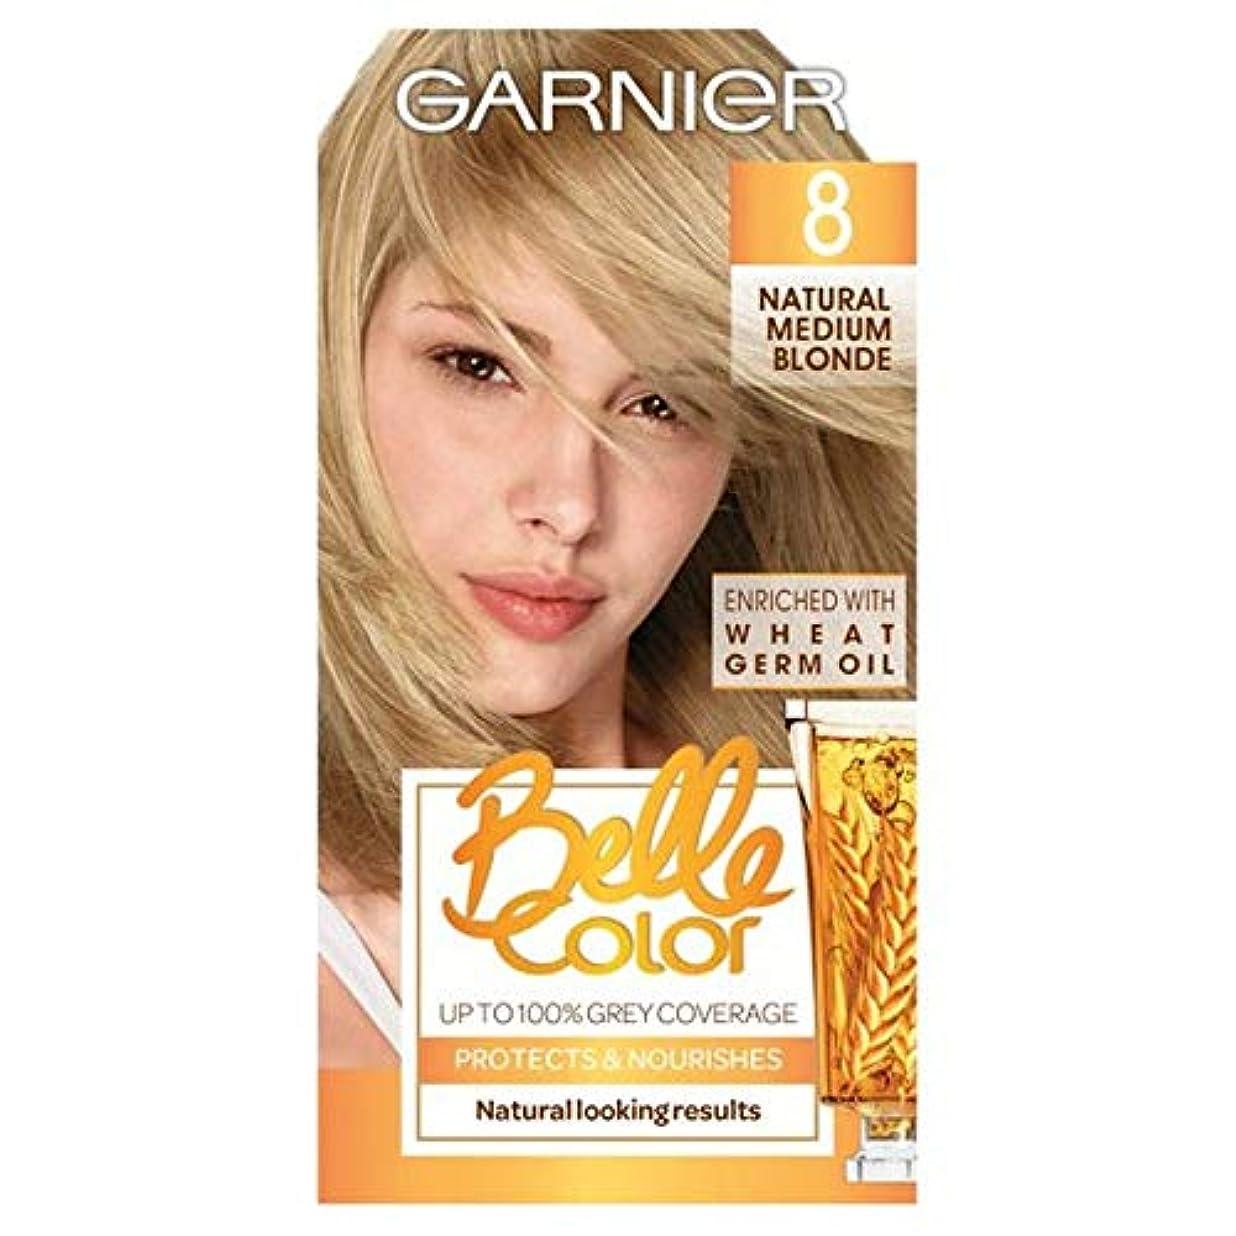 踊り子操作可能成果[Belle Color ] ガーン/ベル/Clr 8天然培地ブロンドパーマネントヘアダイ - Garn/Bel/Clr 8 Natural Medium Blonde Permanent Hair Dye [並行輸入品]